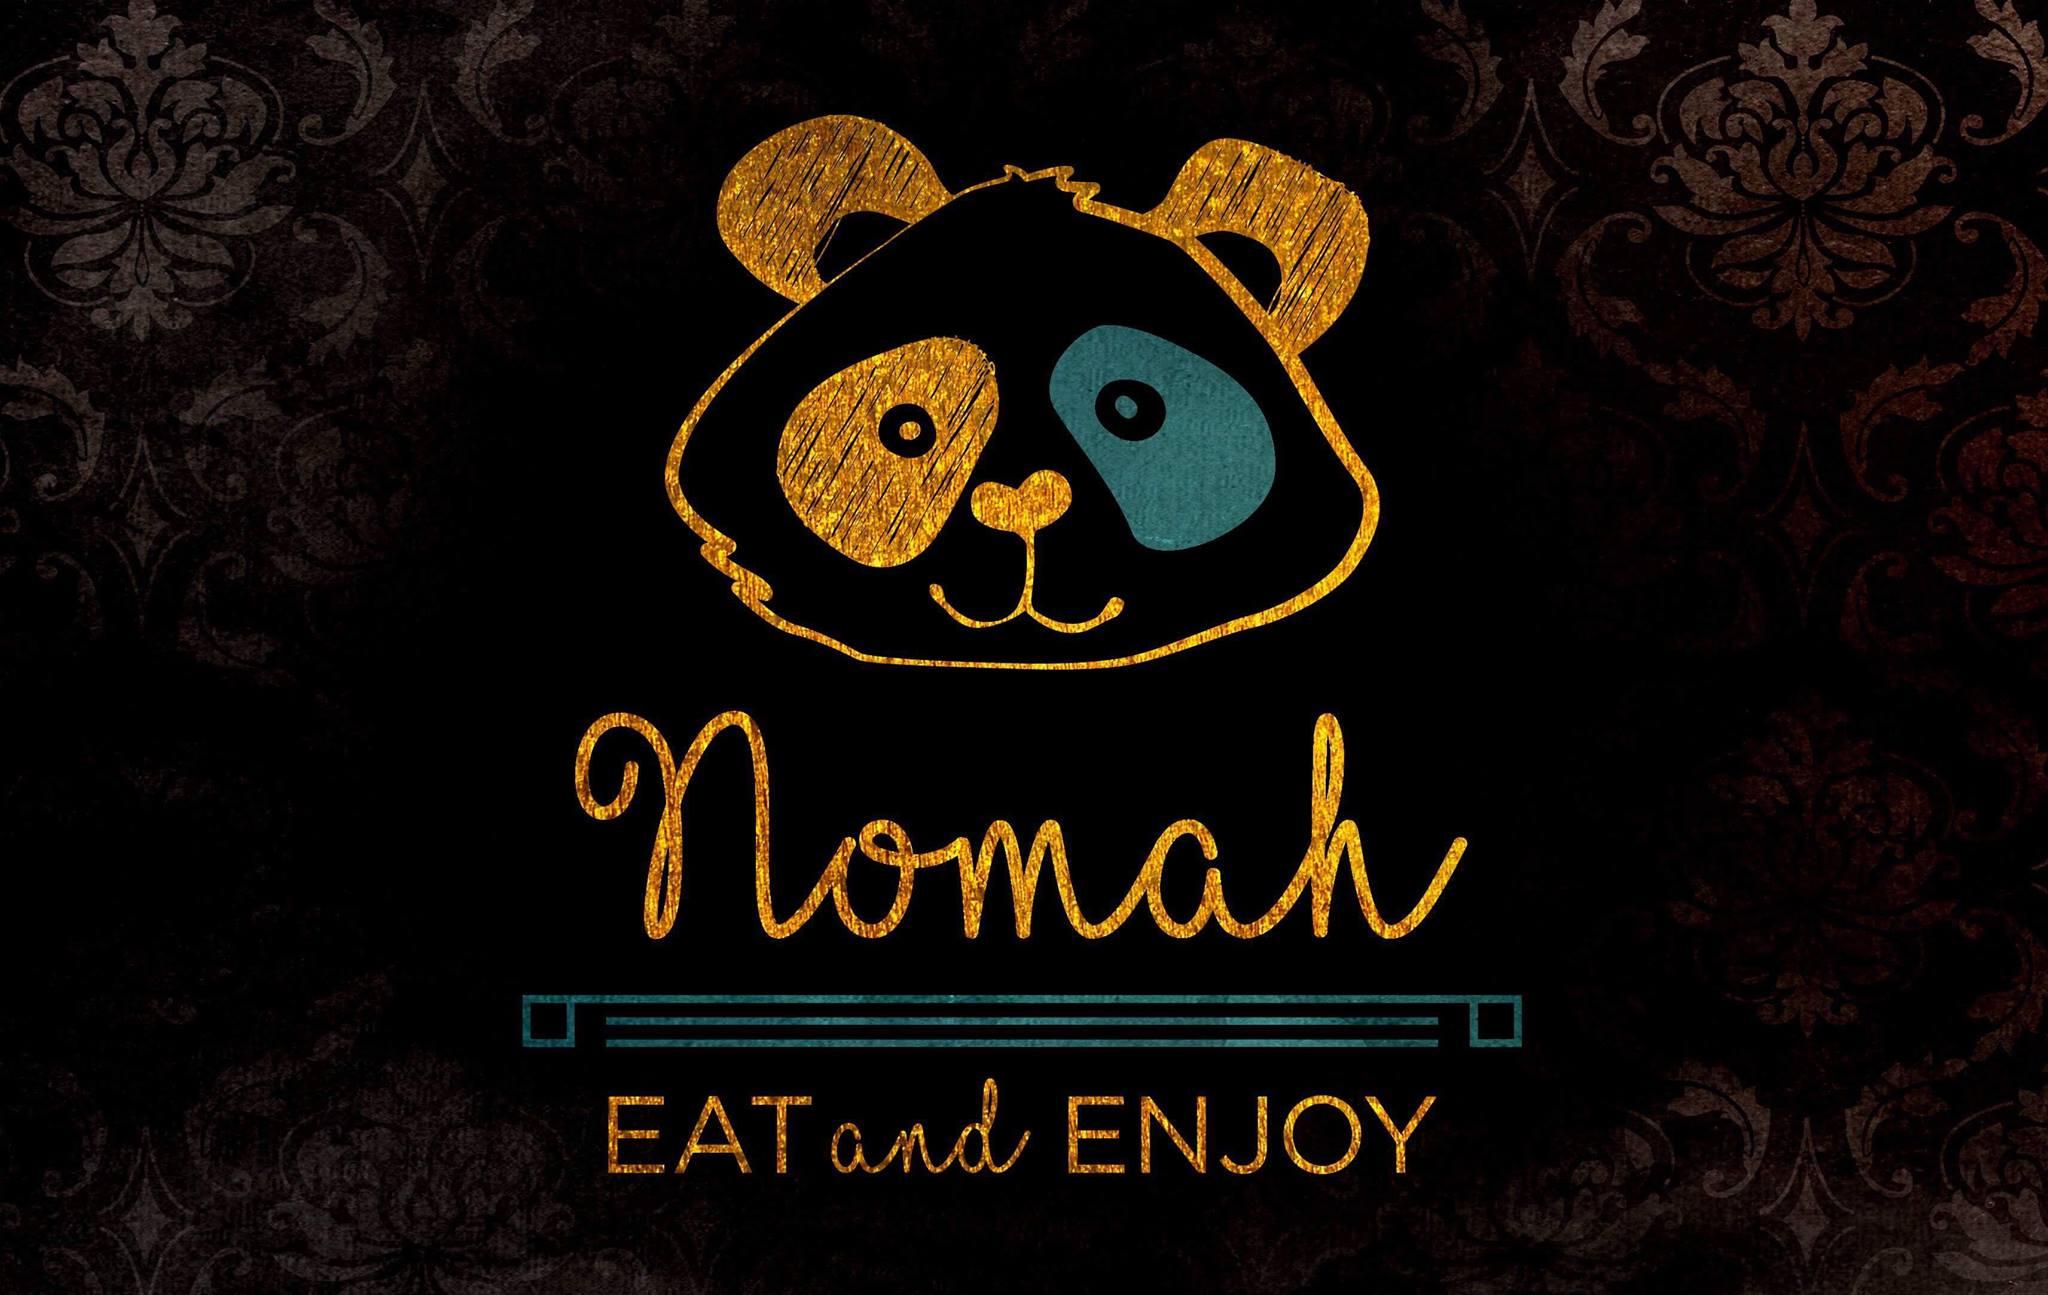 Le Nomah